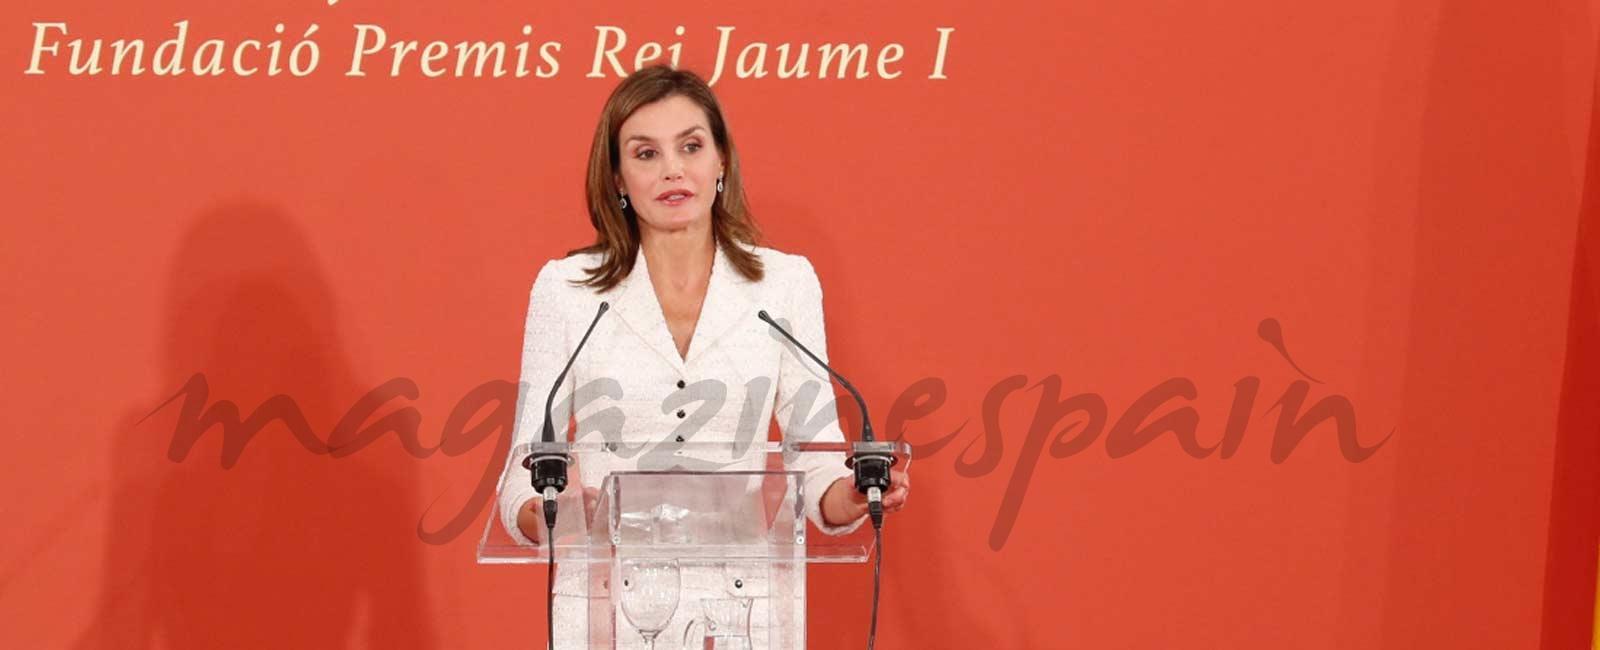 La reina Letizia entrega los Premios Rey Jaime I, de nuevo en solitario